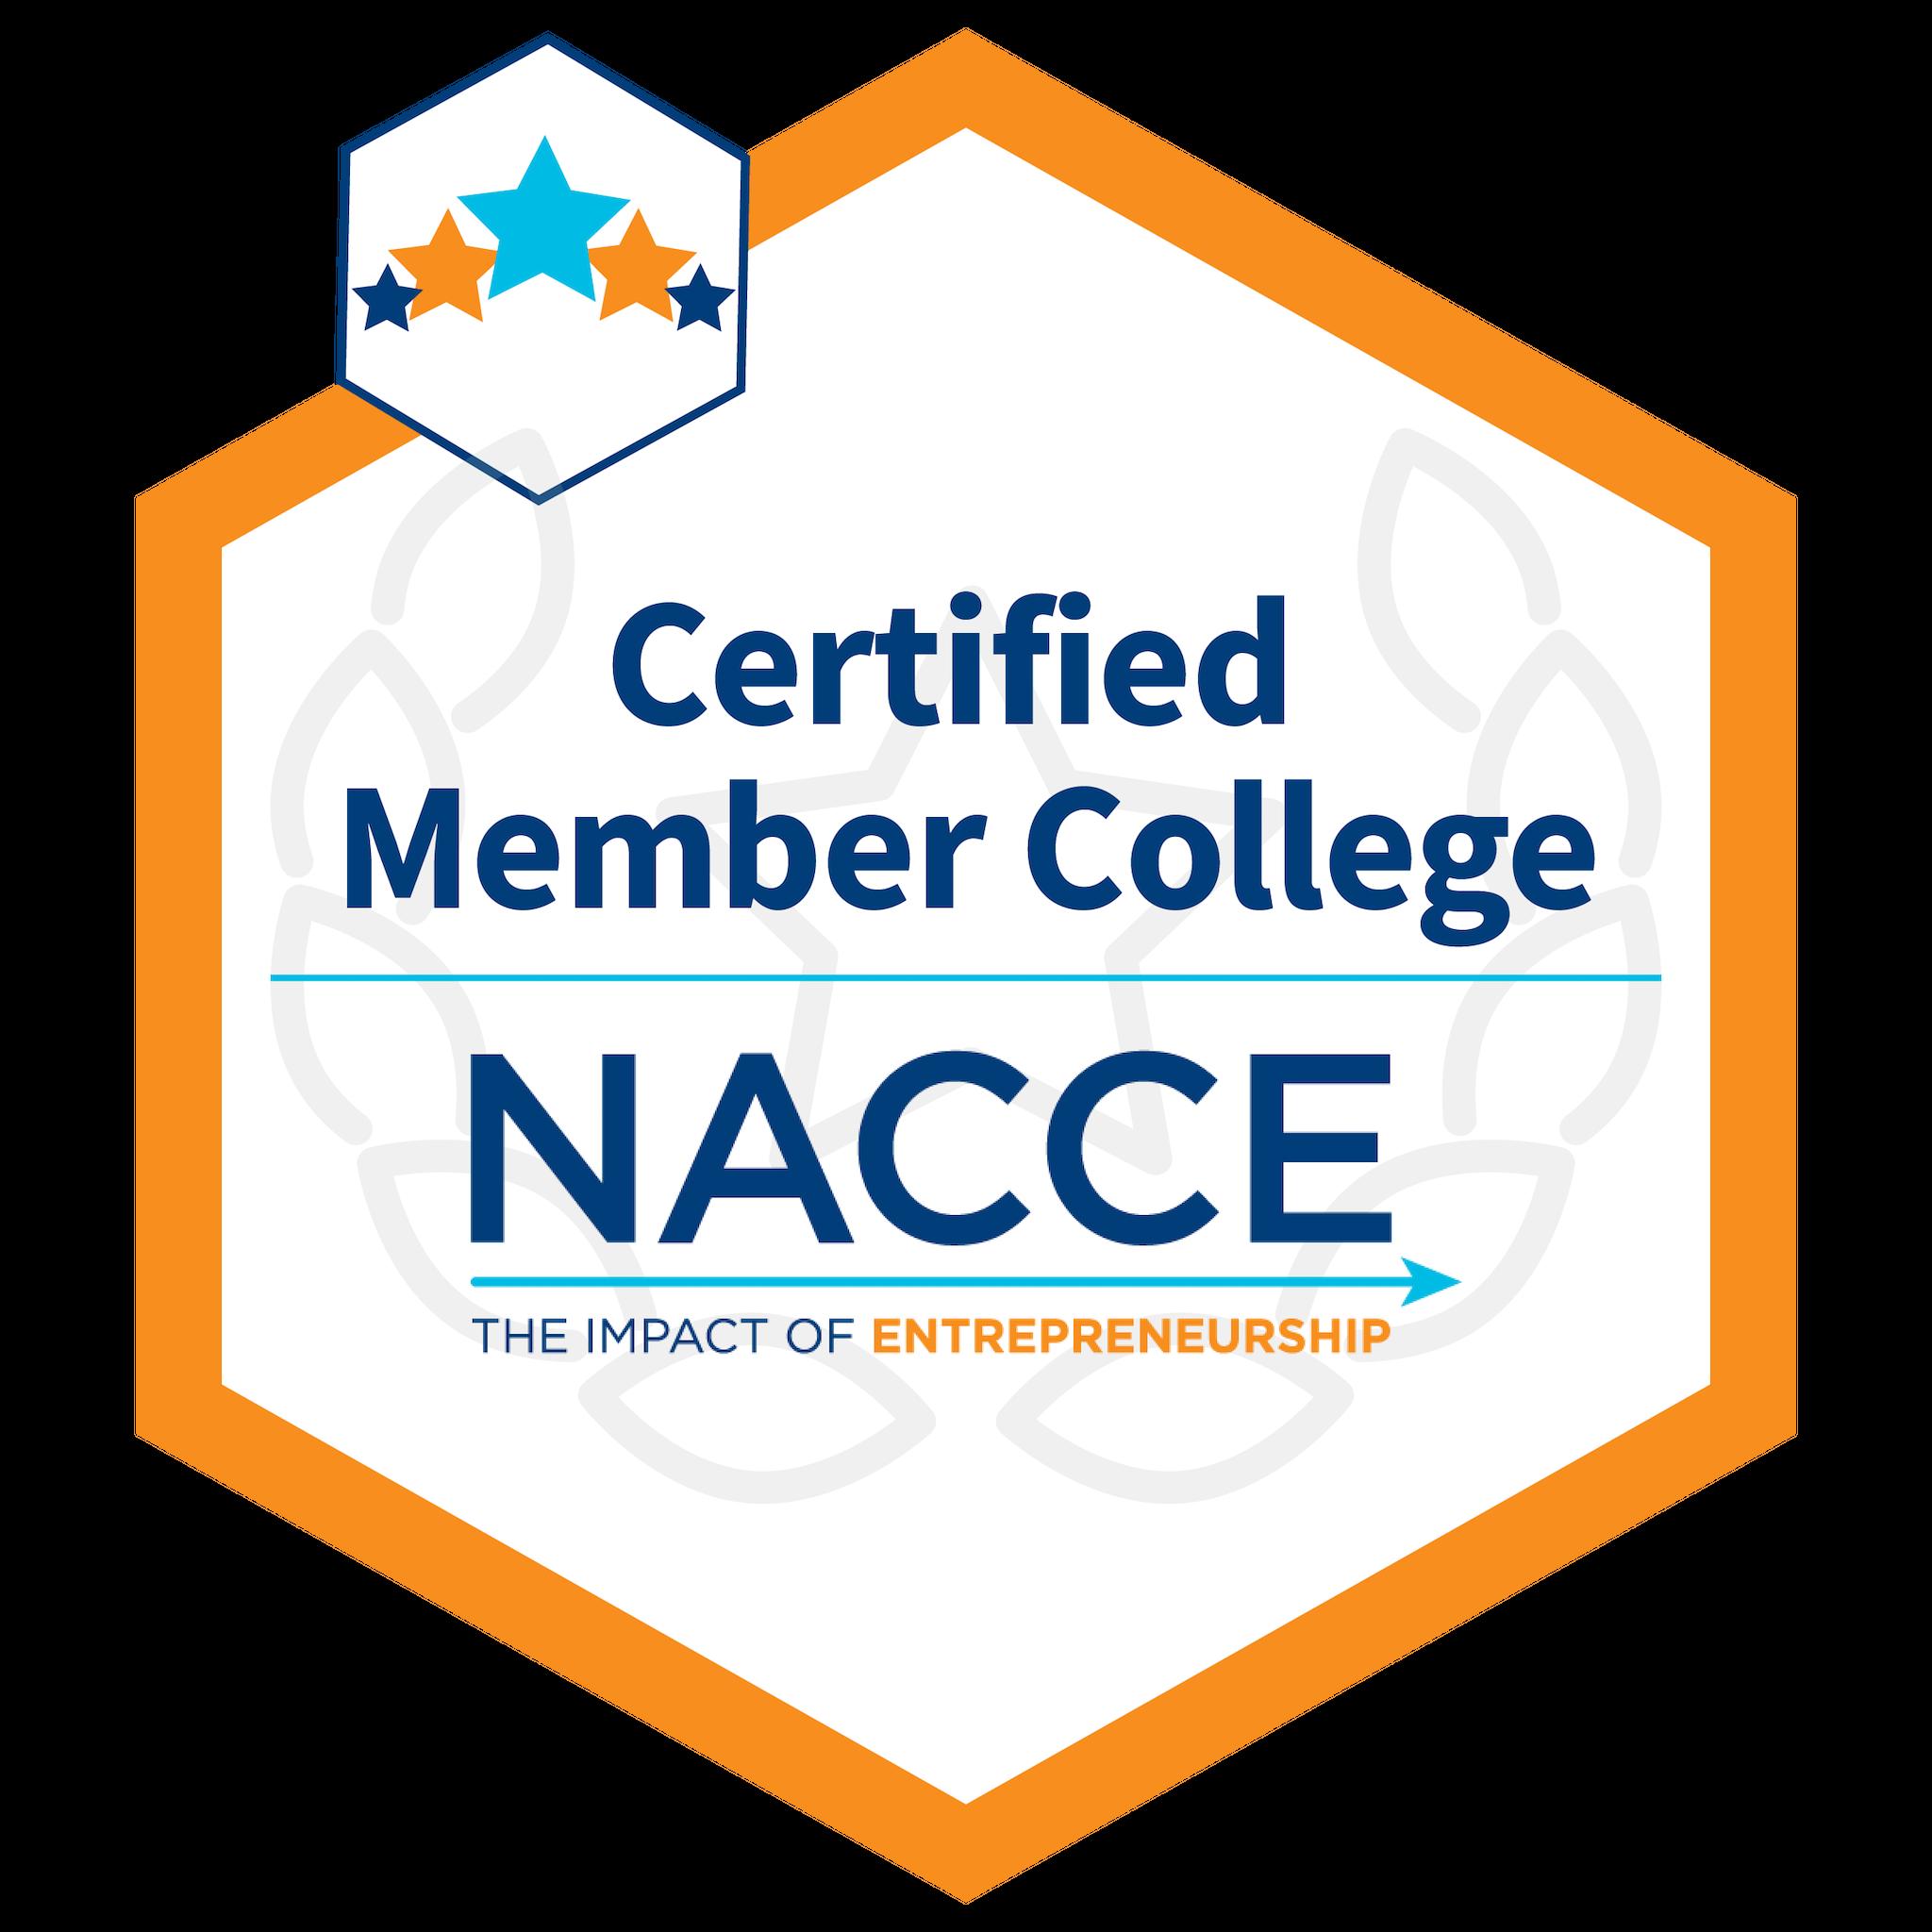 NACCE Certifed Member College